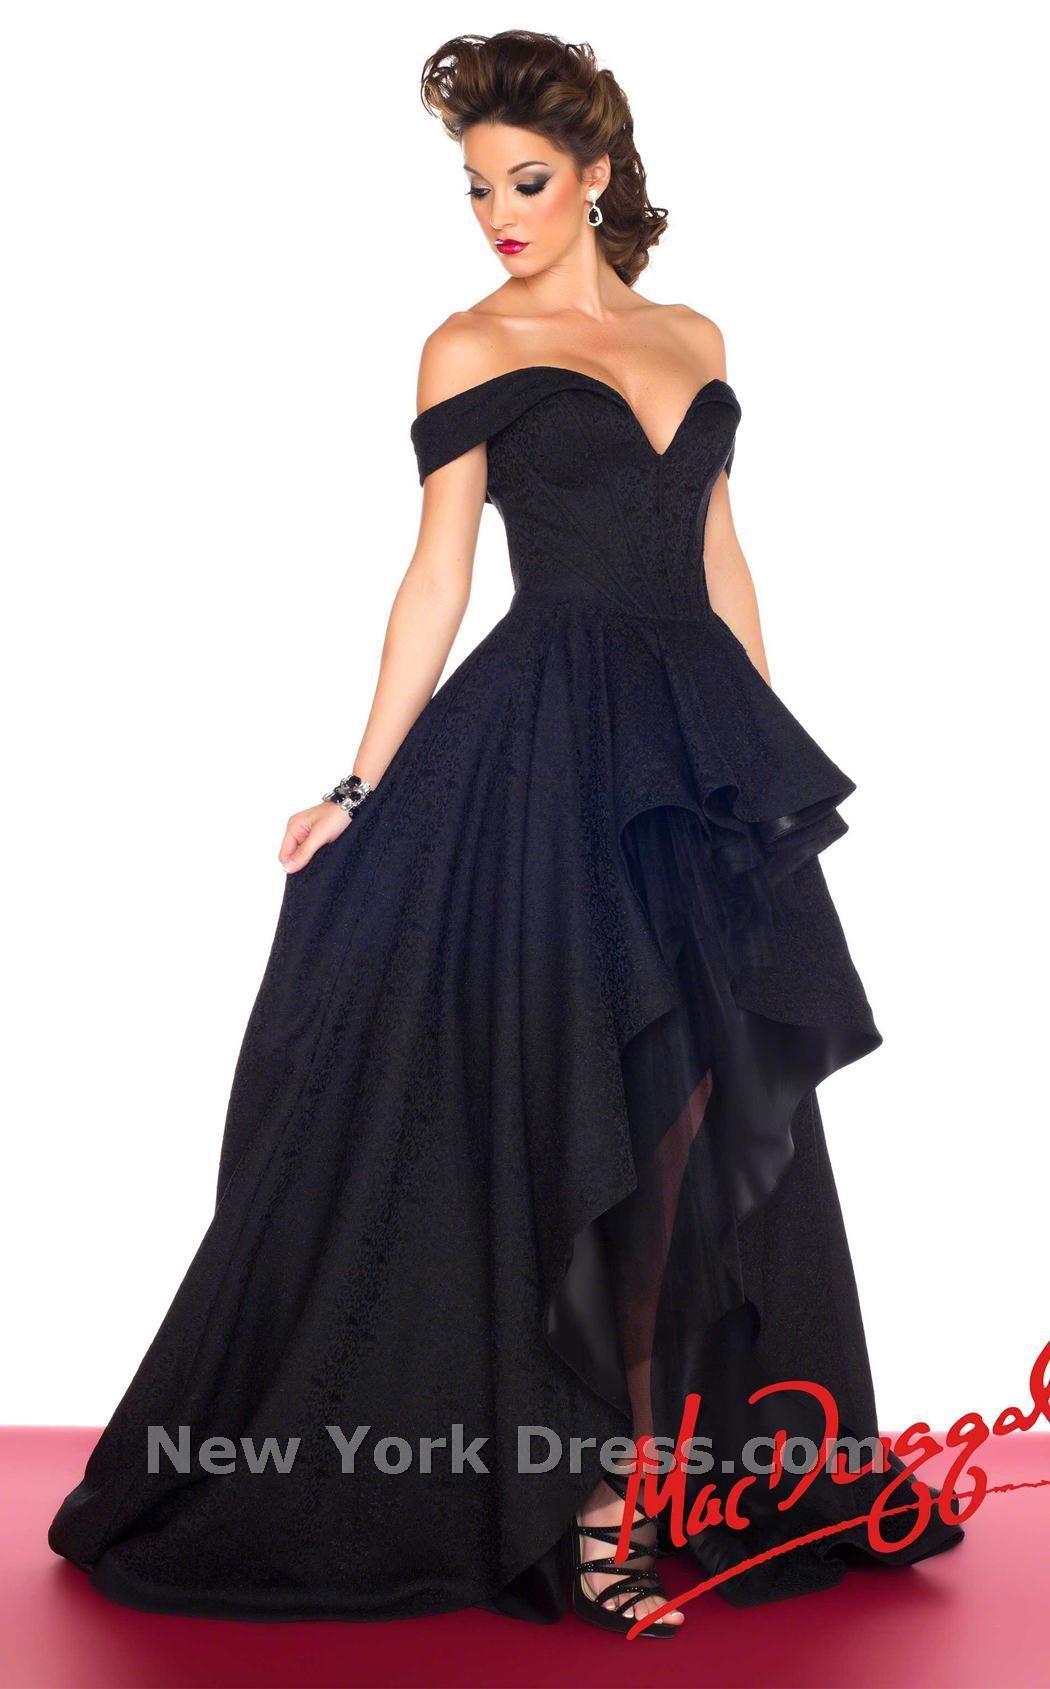 Mac duggal r elegant evening gowns pinterest macs